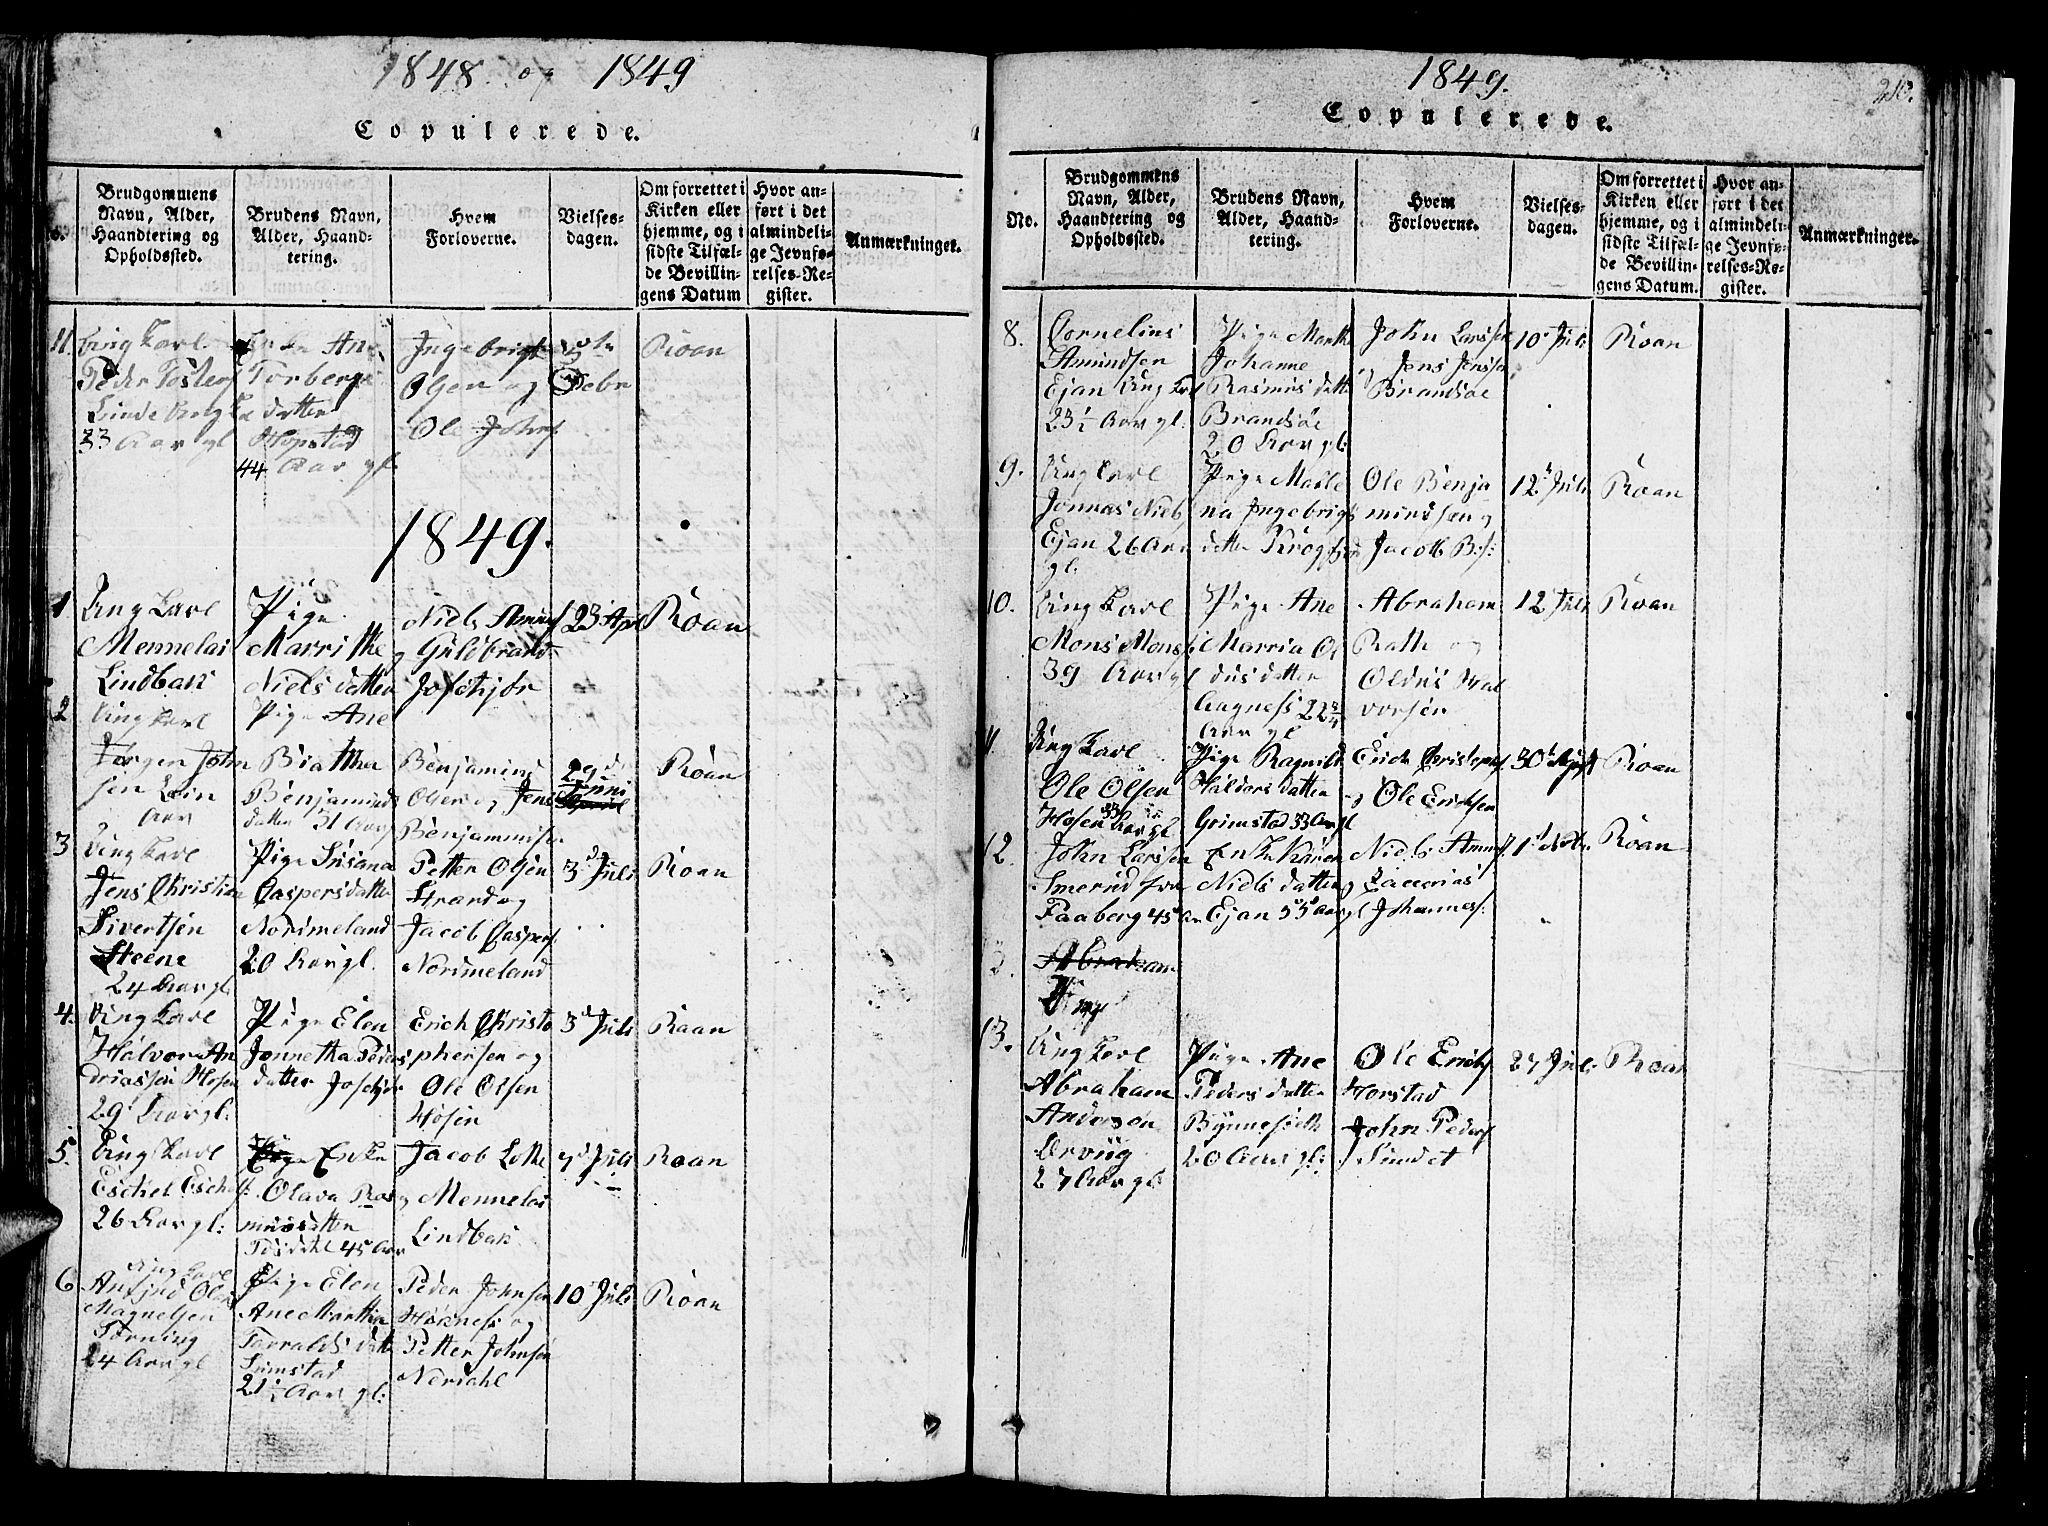 SAT, Ministerialprotokoller, klokkerbøker og fødselsregistre - Sør-Trøndelag, 657/L0714: Klokkerbok nr. 657C01, 1818-1868, s. 210